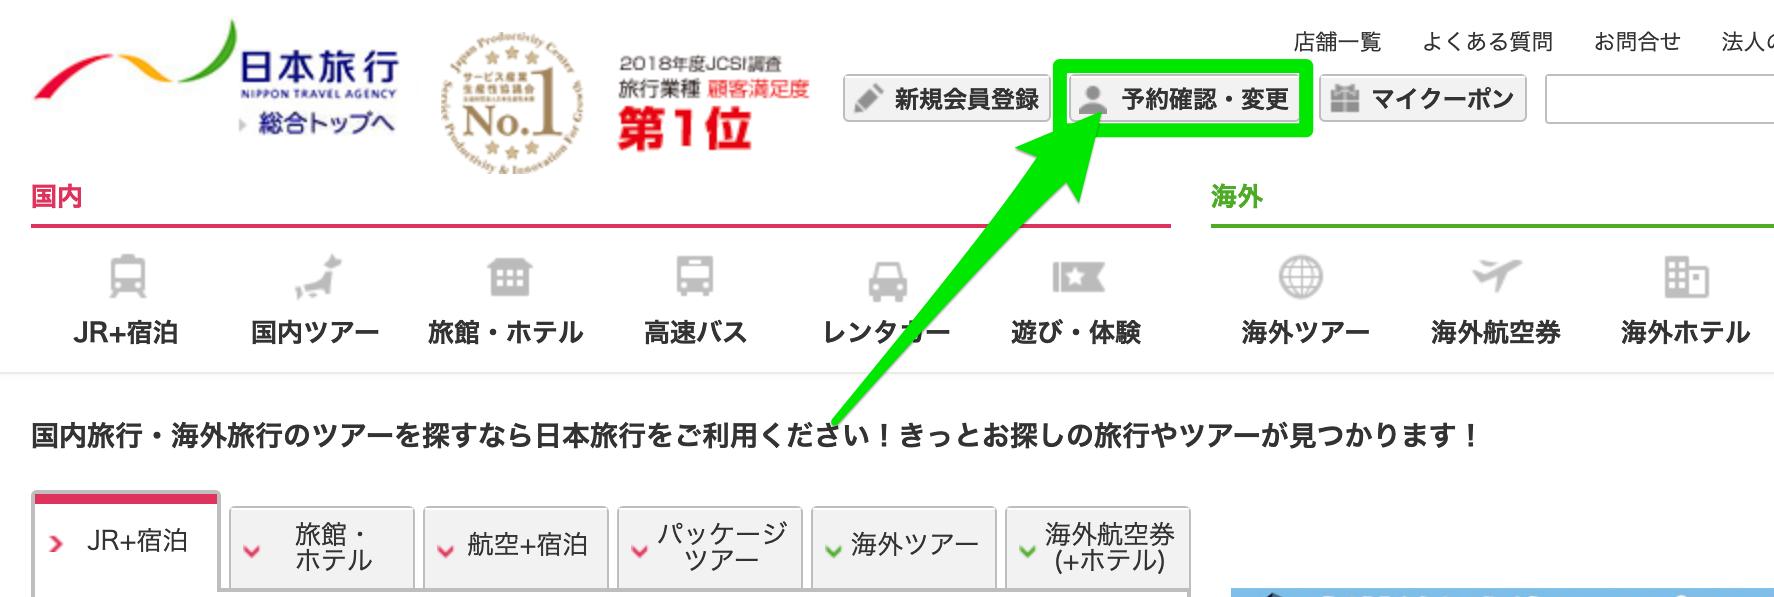 日本旅行で商品の予約確認